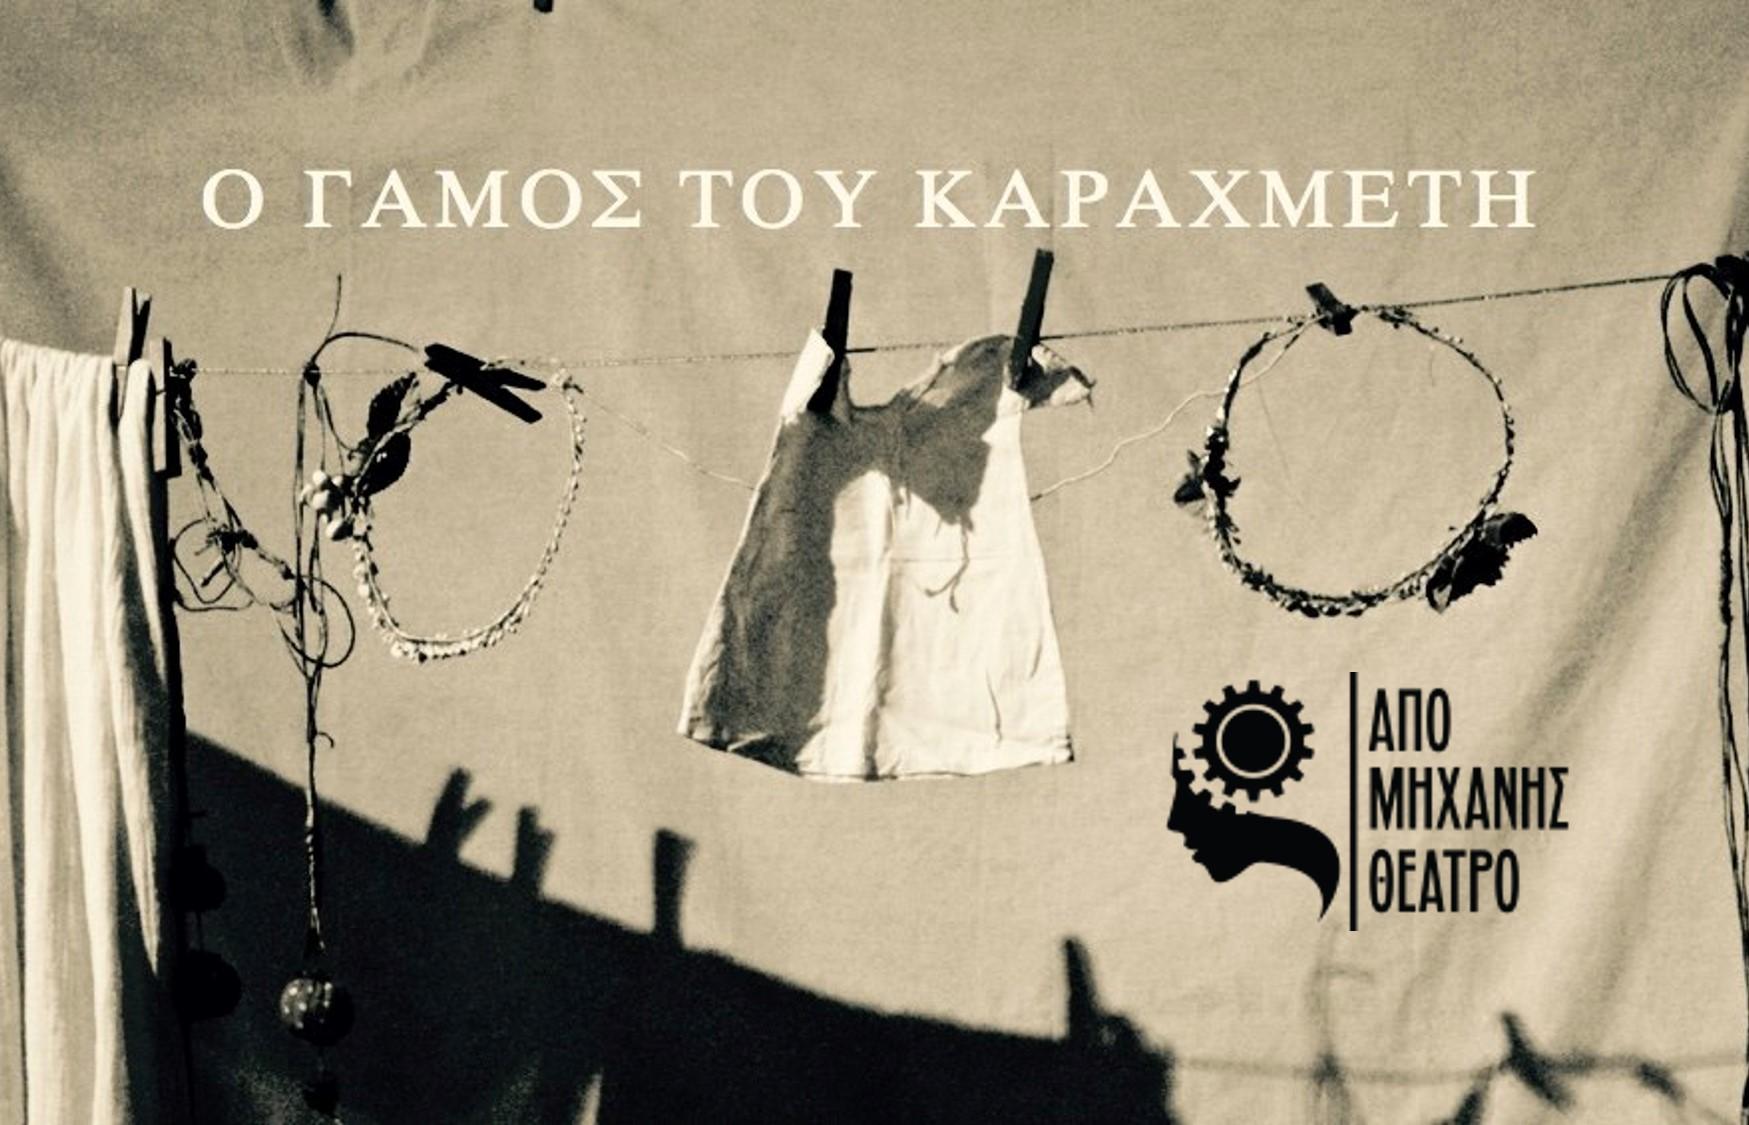 8€ από 13€ για είσοδο στην παράσταση ''Ο Γάμος του Καραχμέτη'', του Αλέξανδρου Παπαδιαμάντη, στο θέατρο ''Από Μηχανής'', σε σκηνοθεσία: Όλιας Λαζαρίδου